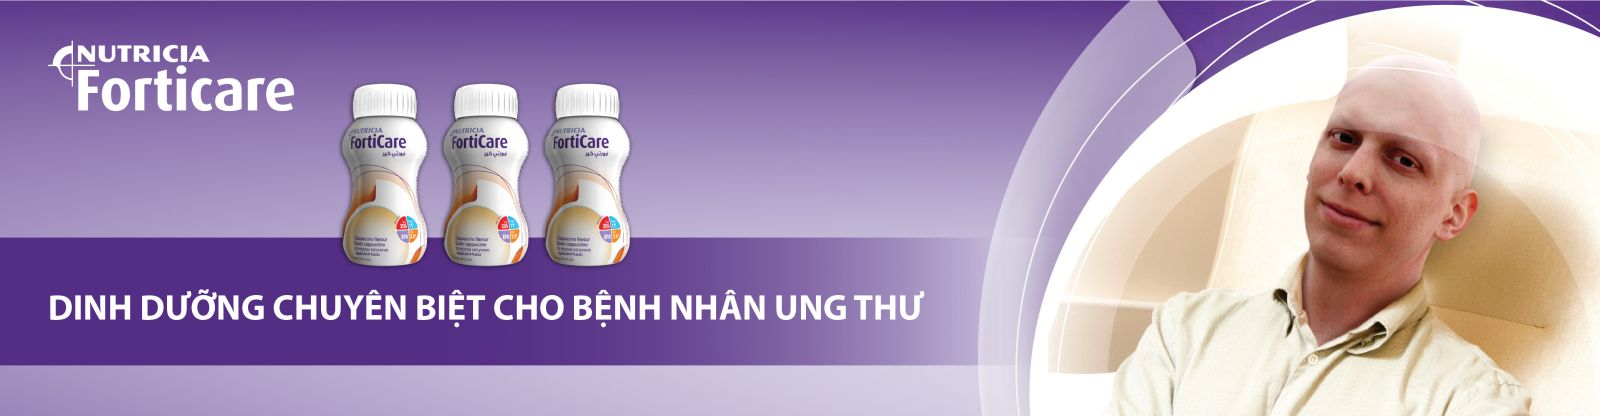 Forticare sữa cho bệnh nhân ung thư của hãng Nutricia Hà Lan